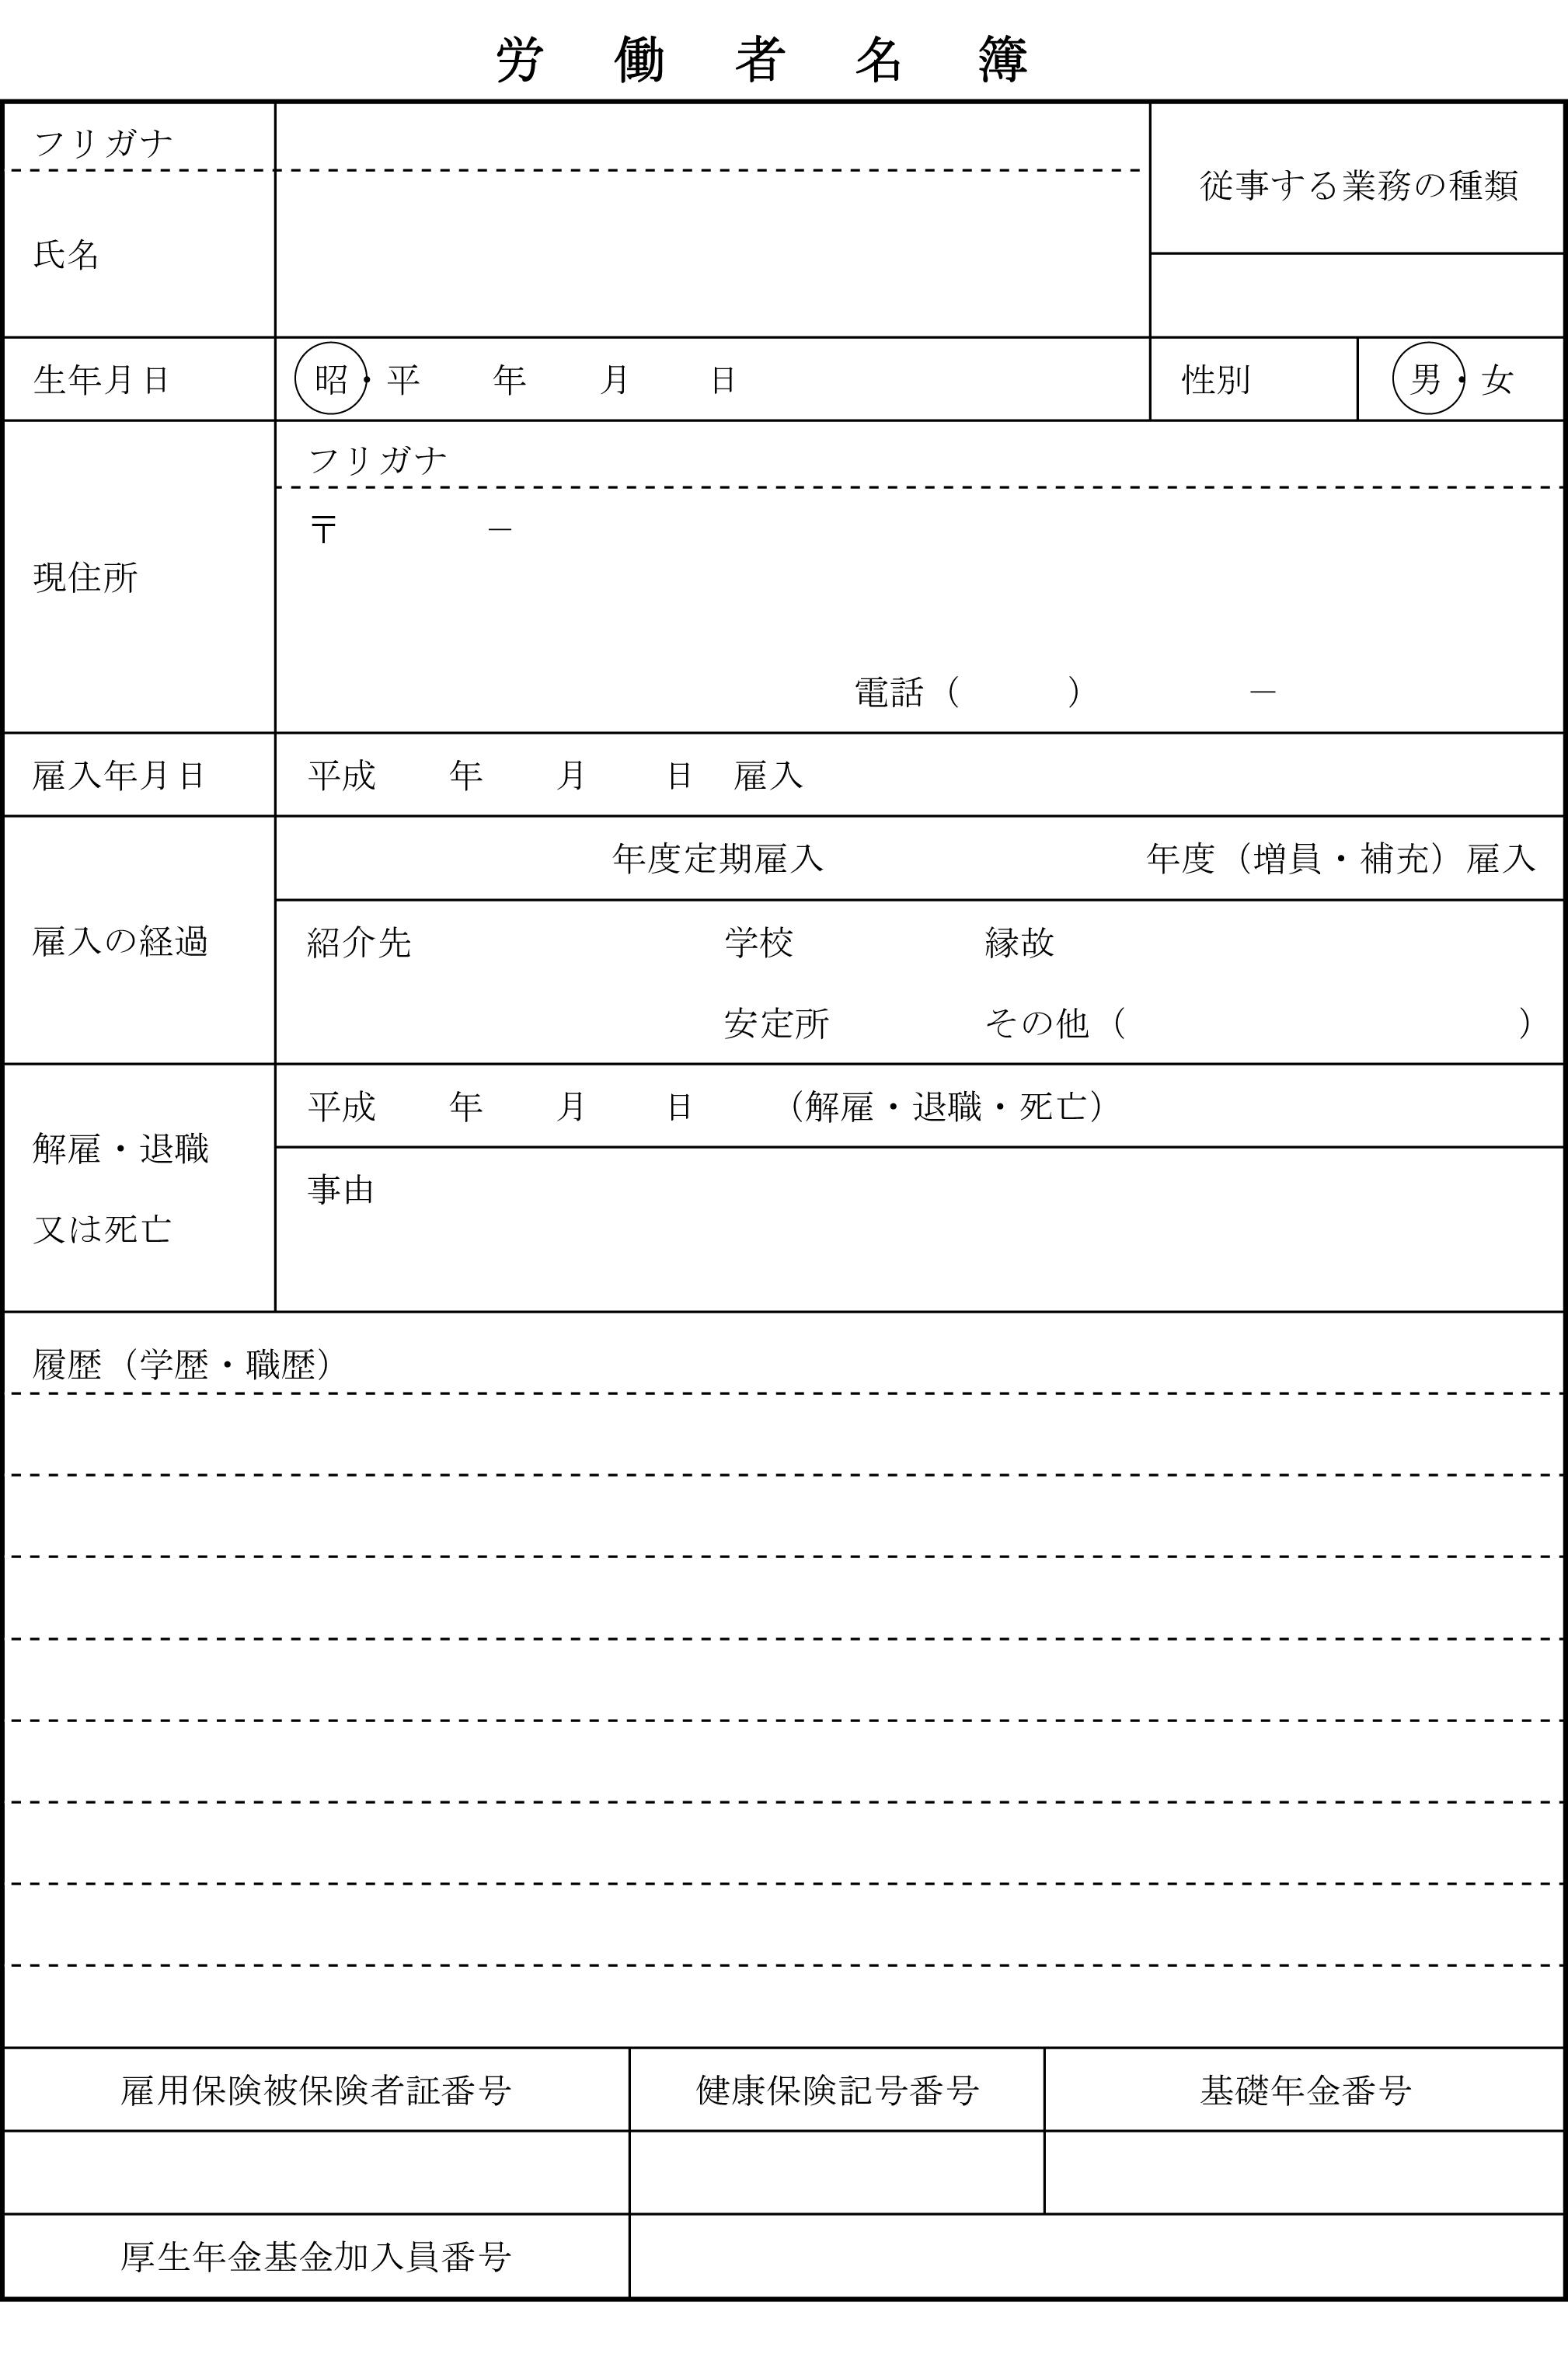 労働者名簿05